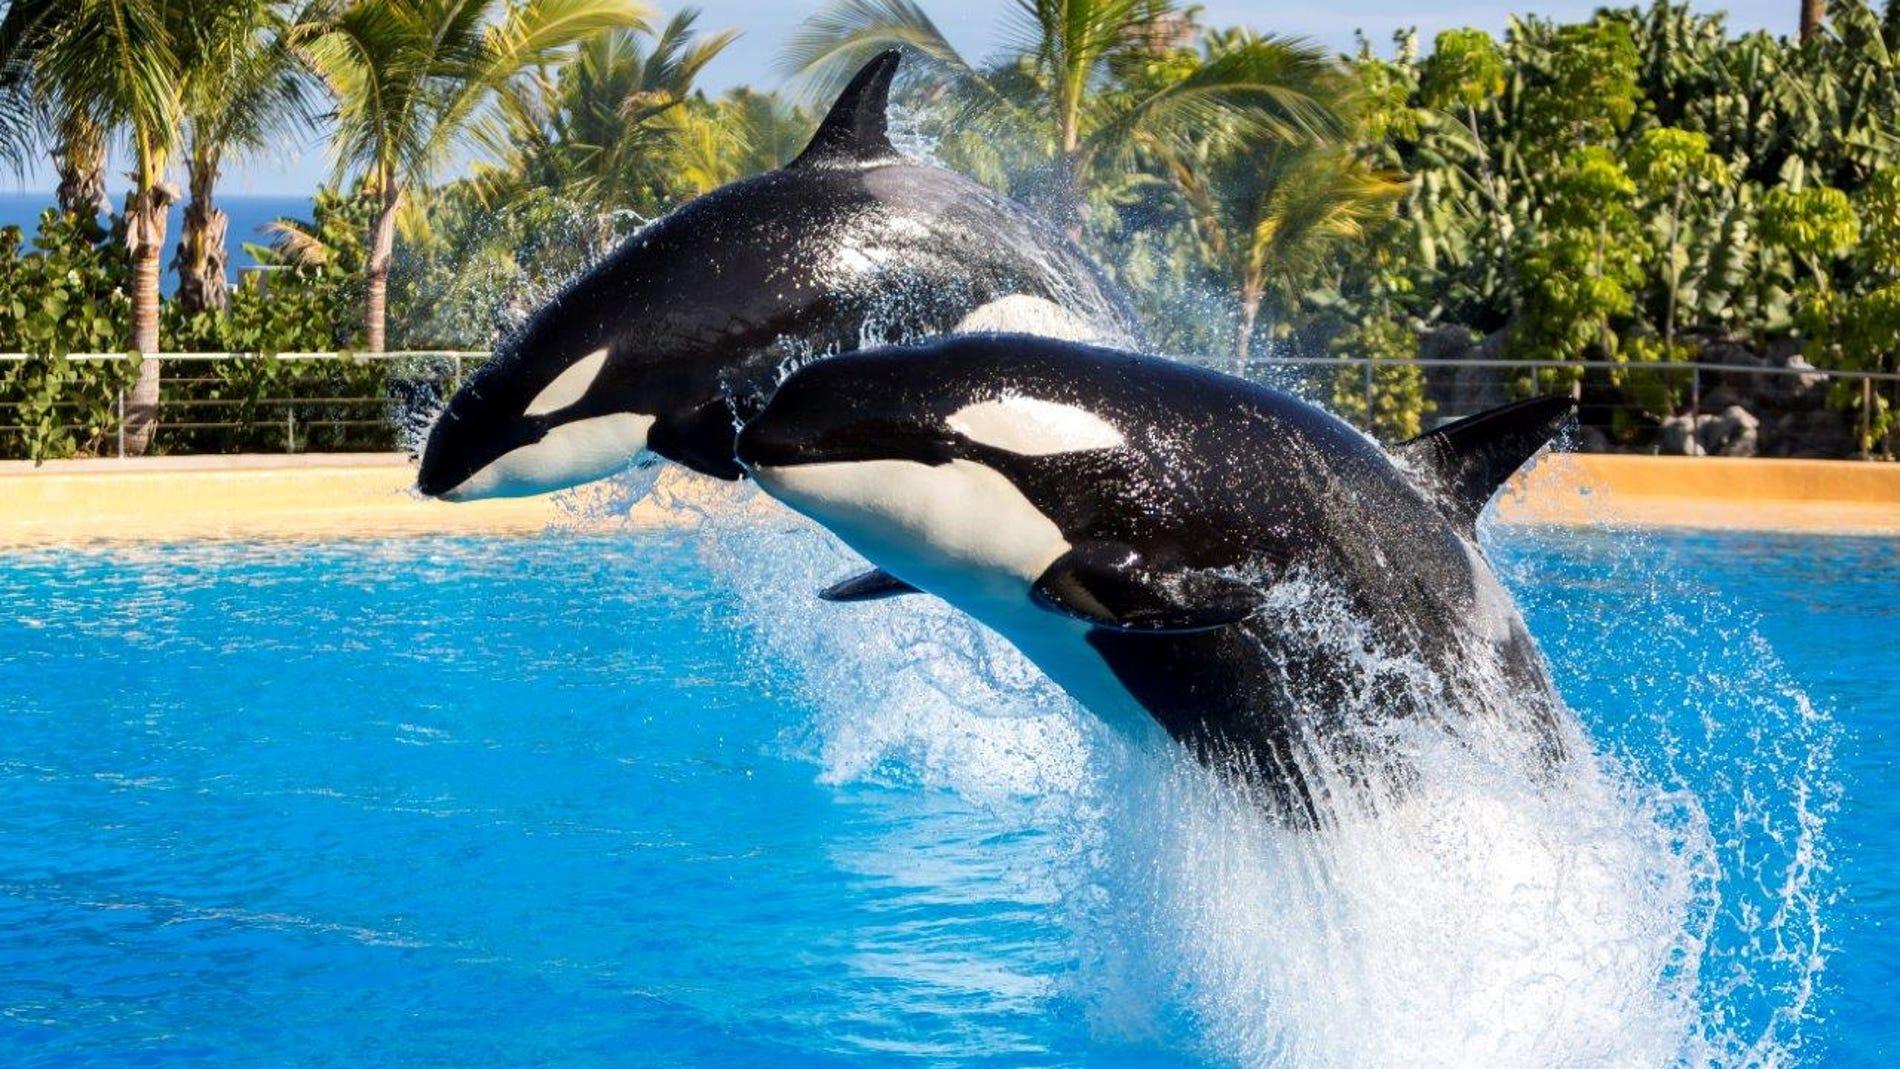 Las orcas asesinas son en realidad pacificas y sensibles